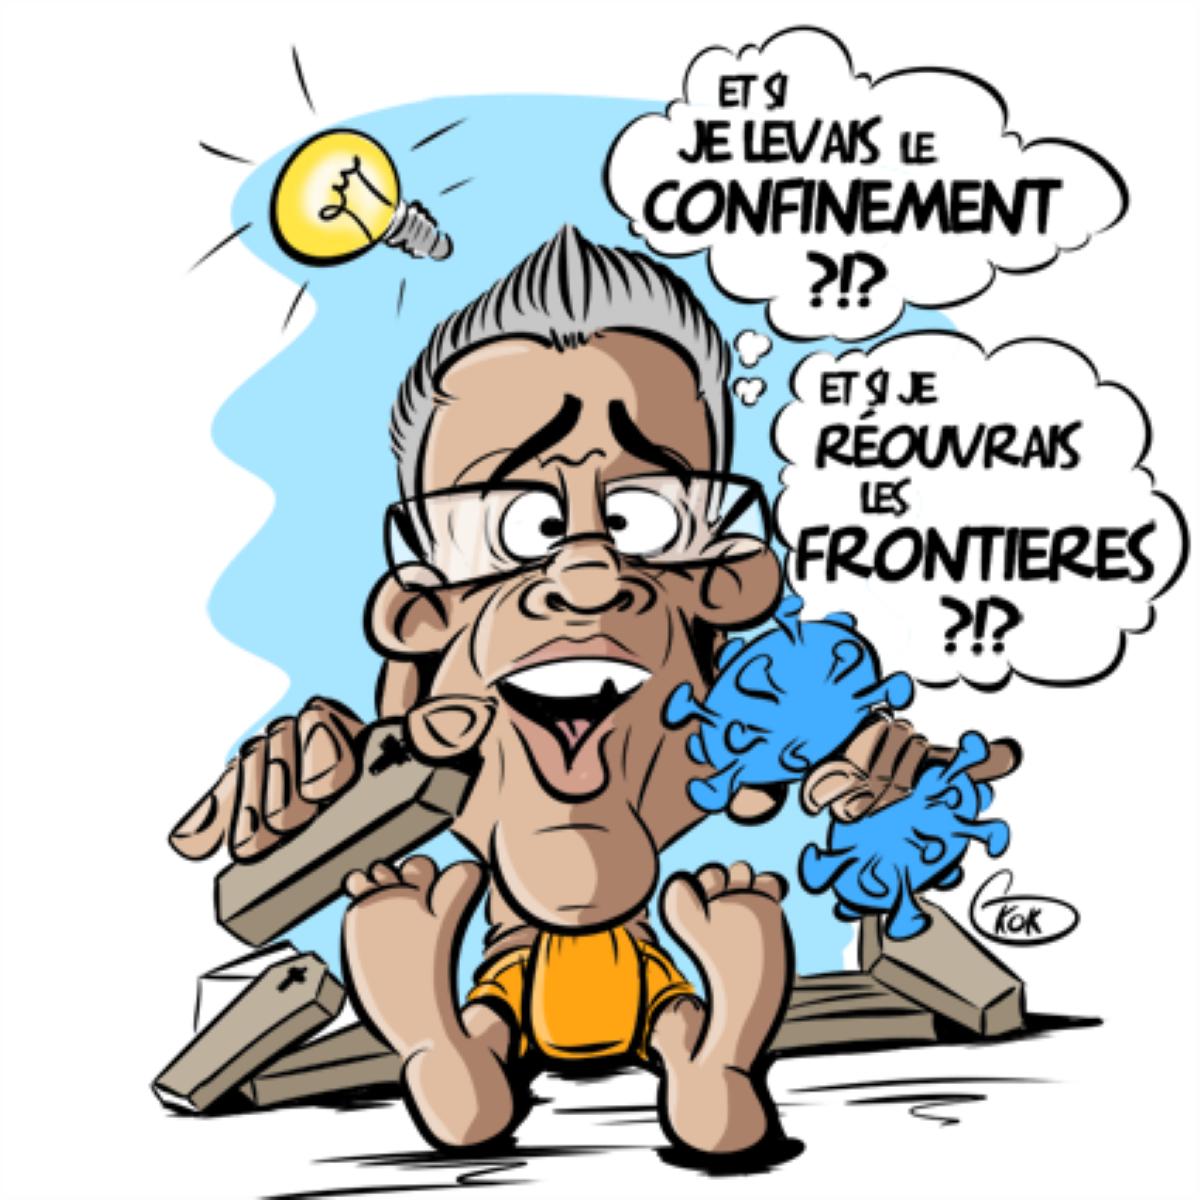 [KOK] Le dessin du jour : Pravind Jugnauth envisage pour bientôt la reprise des activités dans le pays